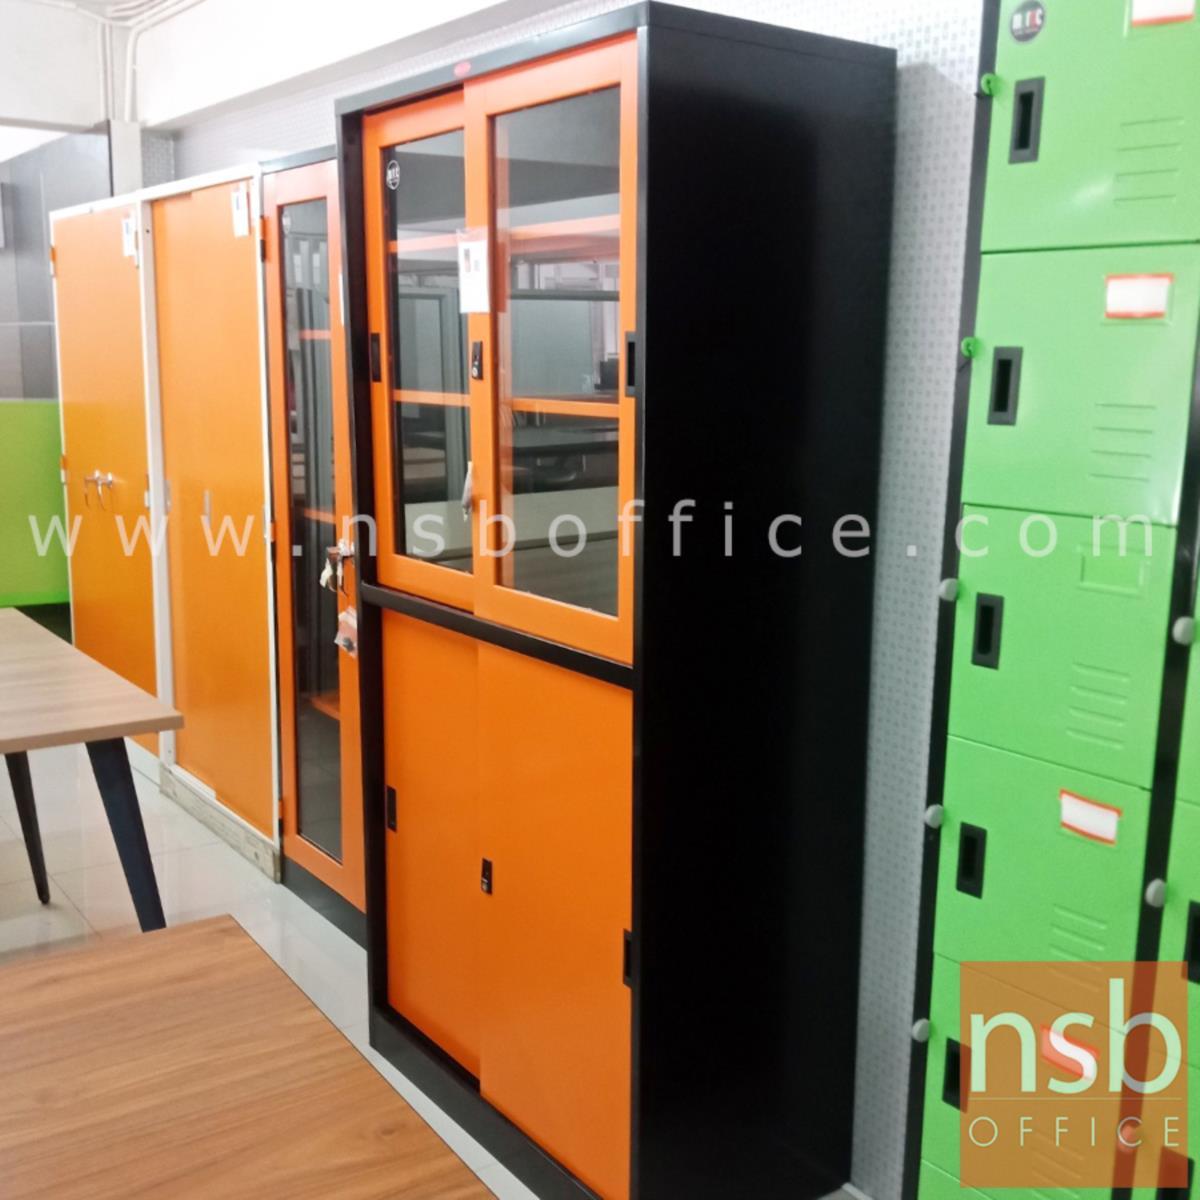 ตู้เอกสารบานเลื่อน บนกระจกล่างทึบ รุ่น PPK-301 หน้าบานสีสันโครงตู้สีดำ